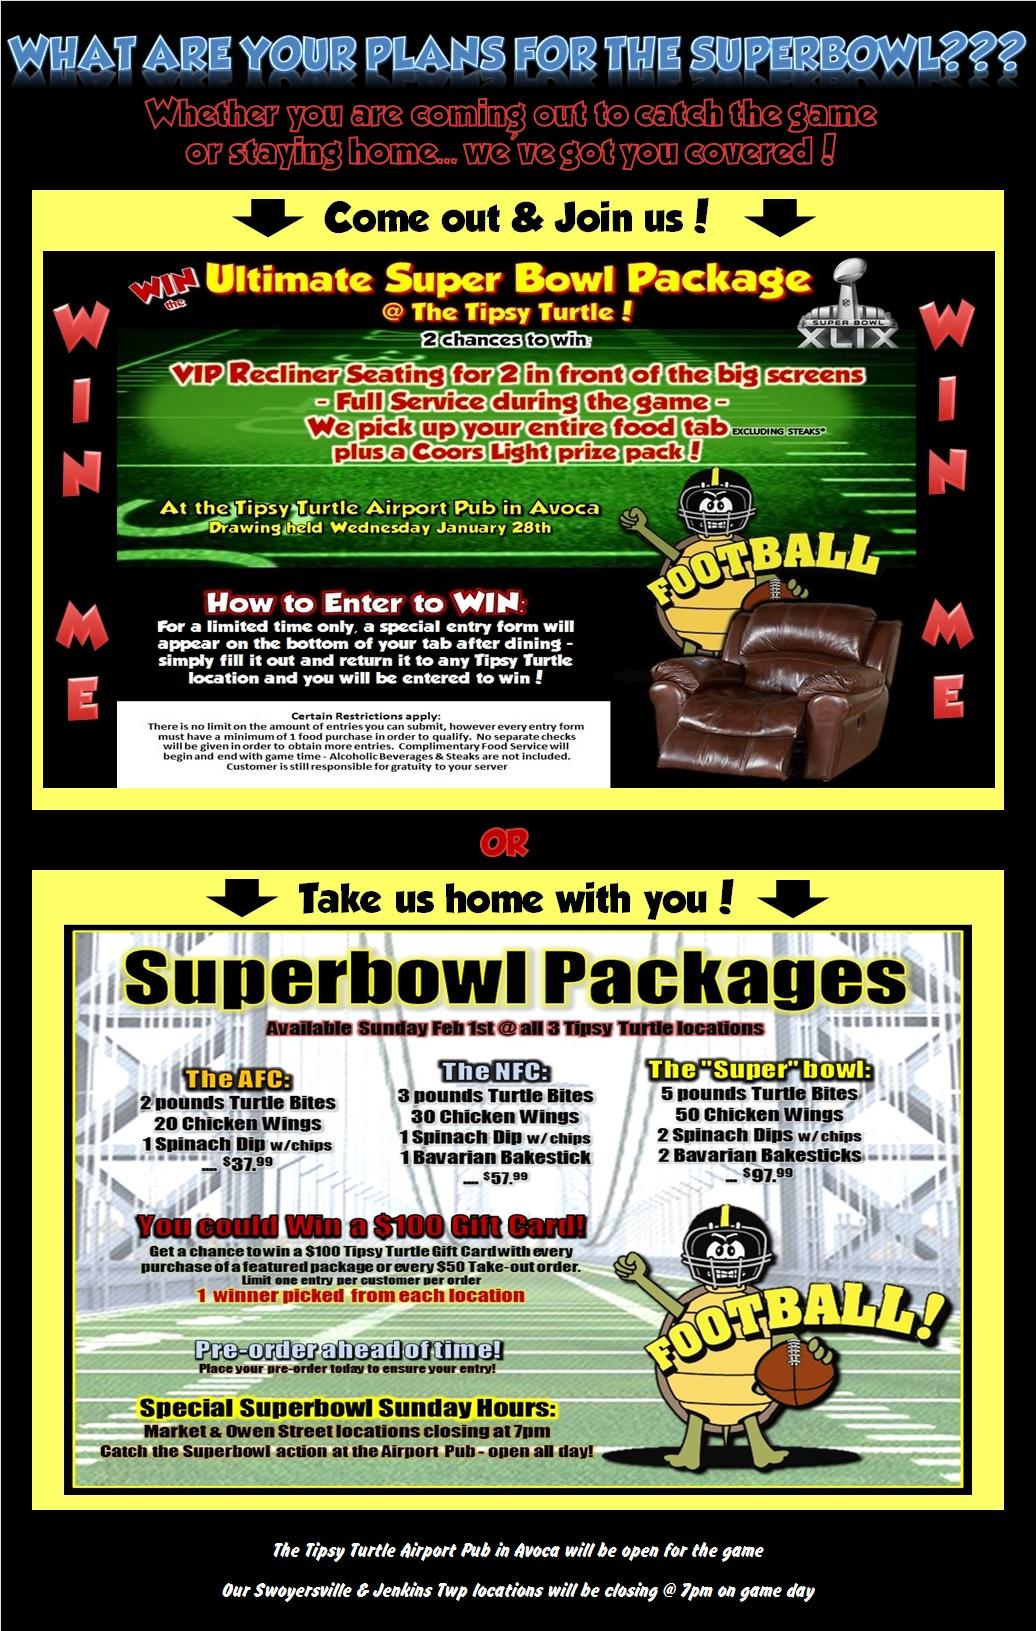 superbowl 2015 website